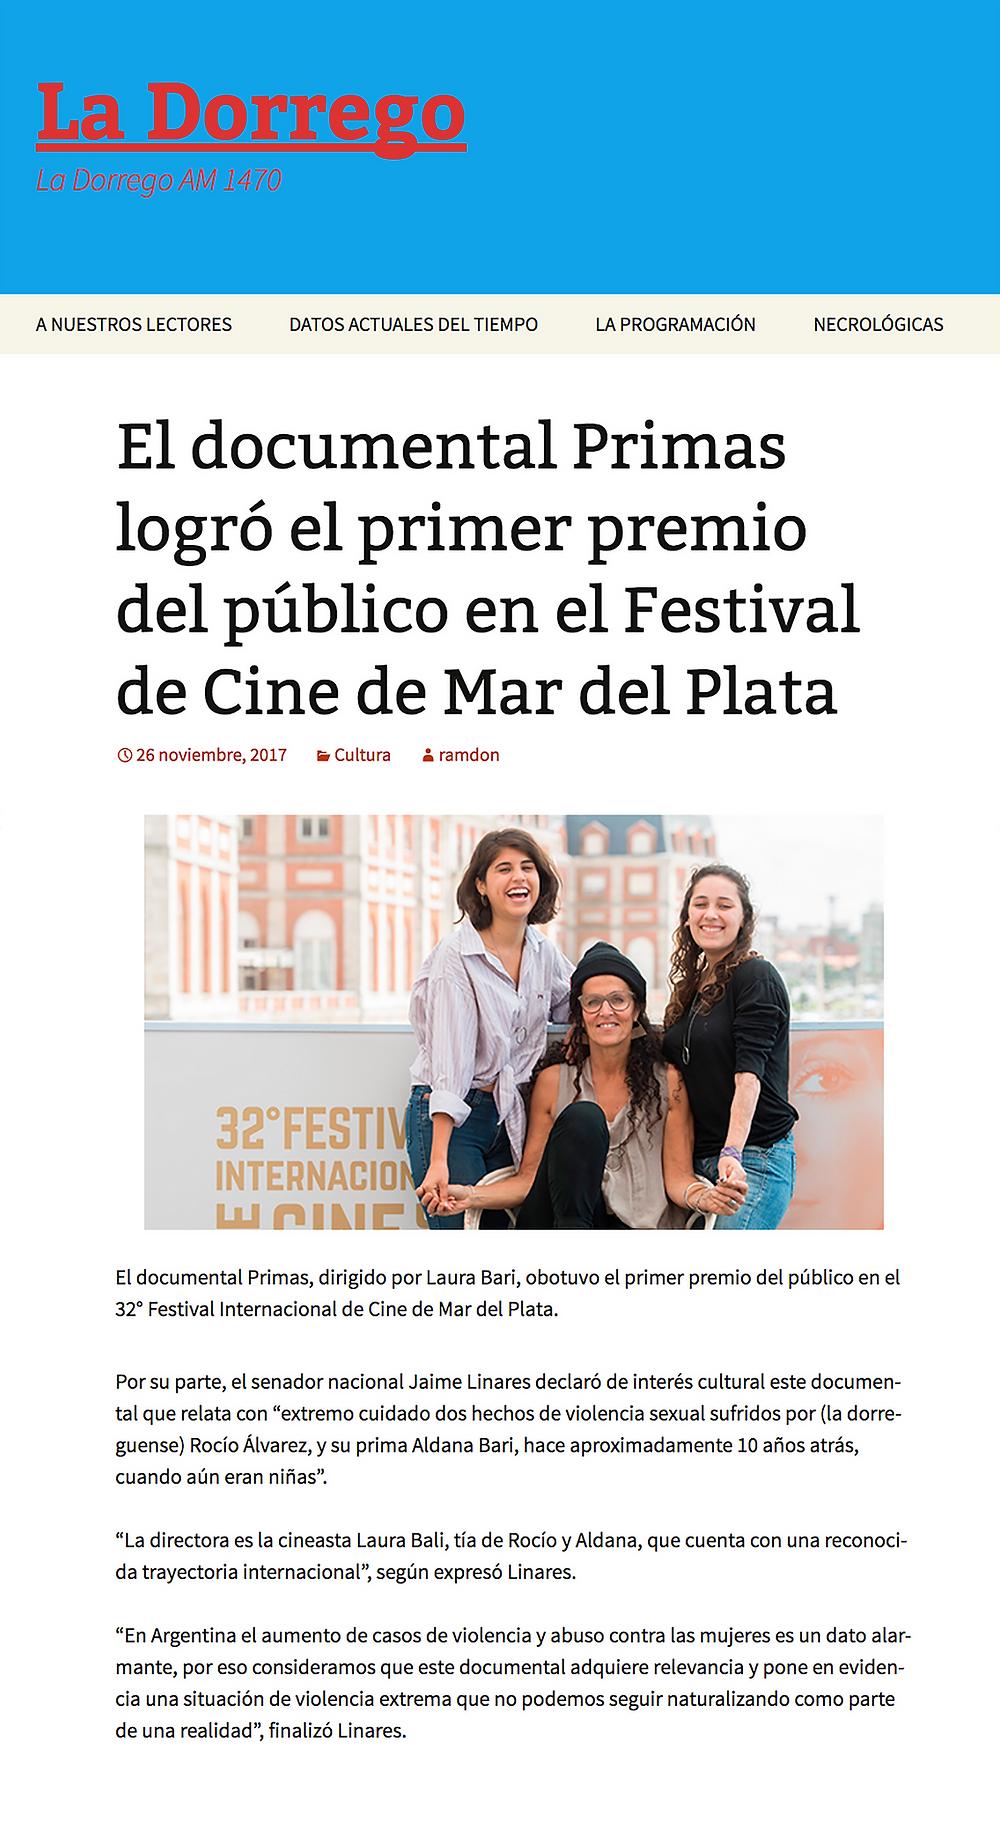 http://ladorrego.com.ar/2017/11/26/el-documental-primas-logro-el-primer-premio-del-publico-en-el-festival-de-cine-de-mar-del-plata/